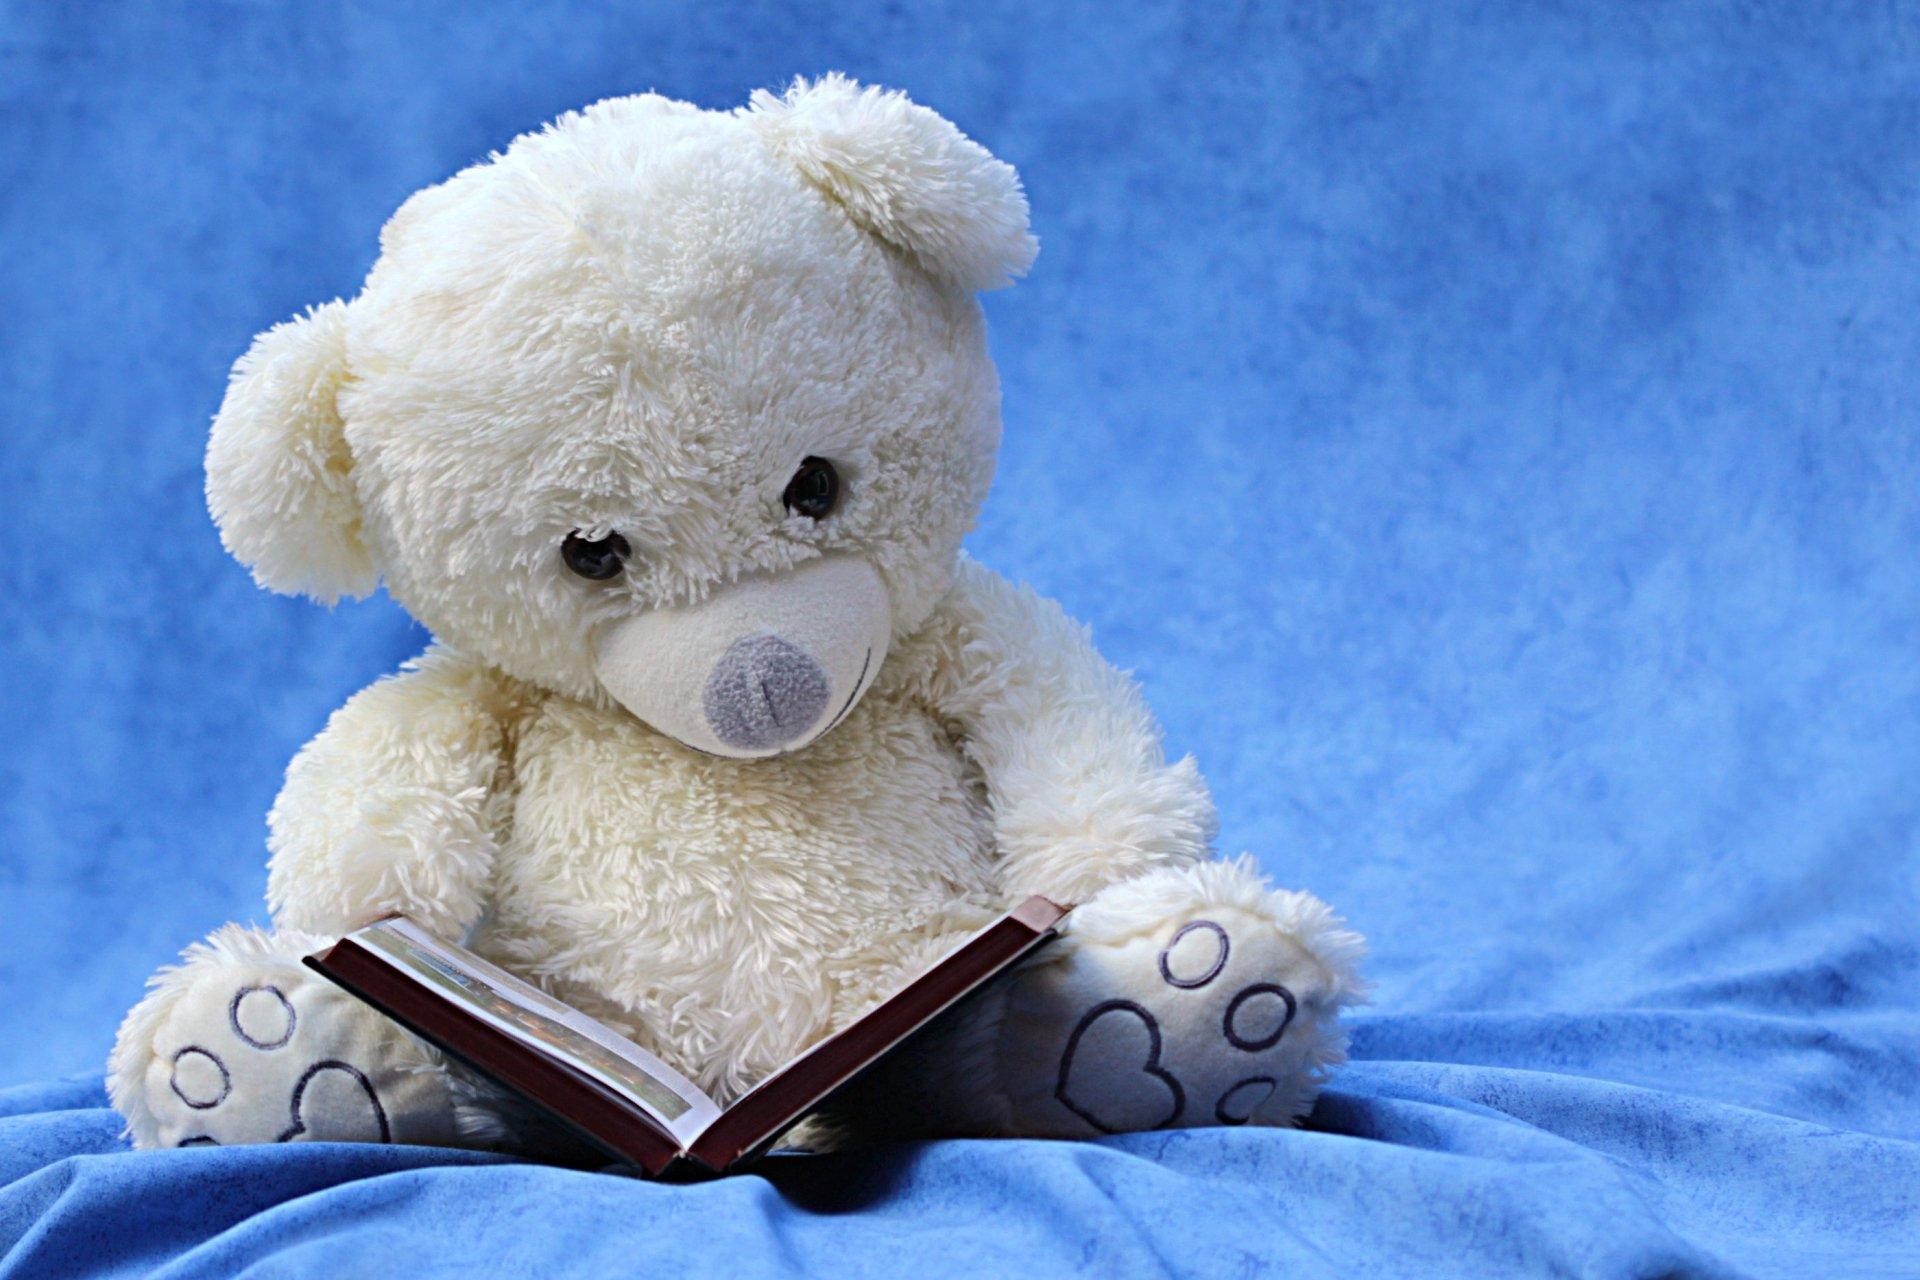 人造 - 毛绒玩具  Teddy Bear 玩具 书 静物 蓝色 壁纸